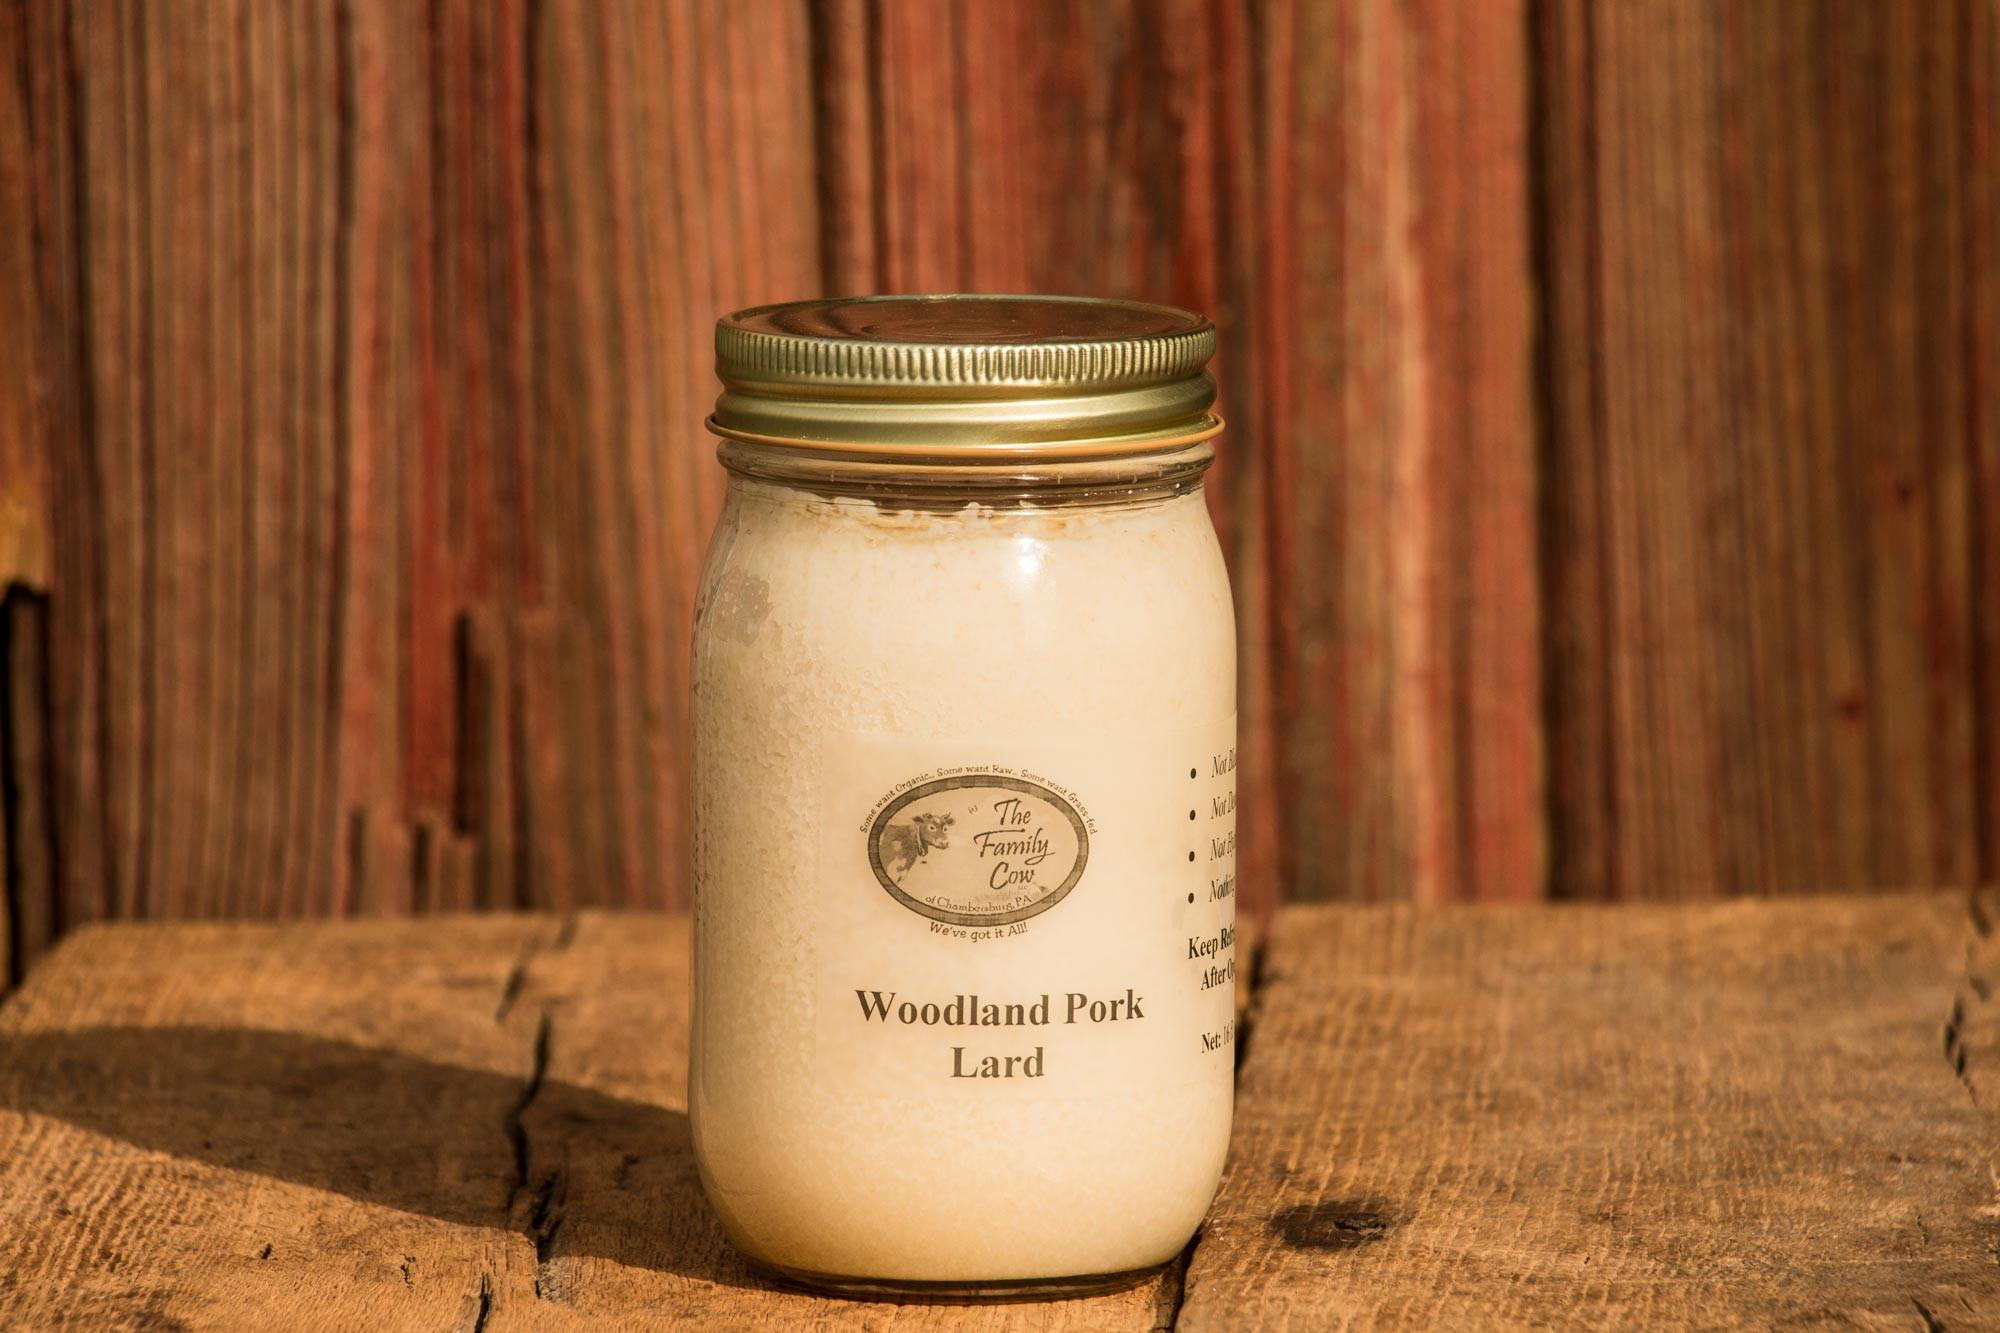 Case - Woodland Pork Lard